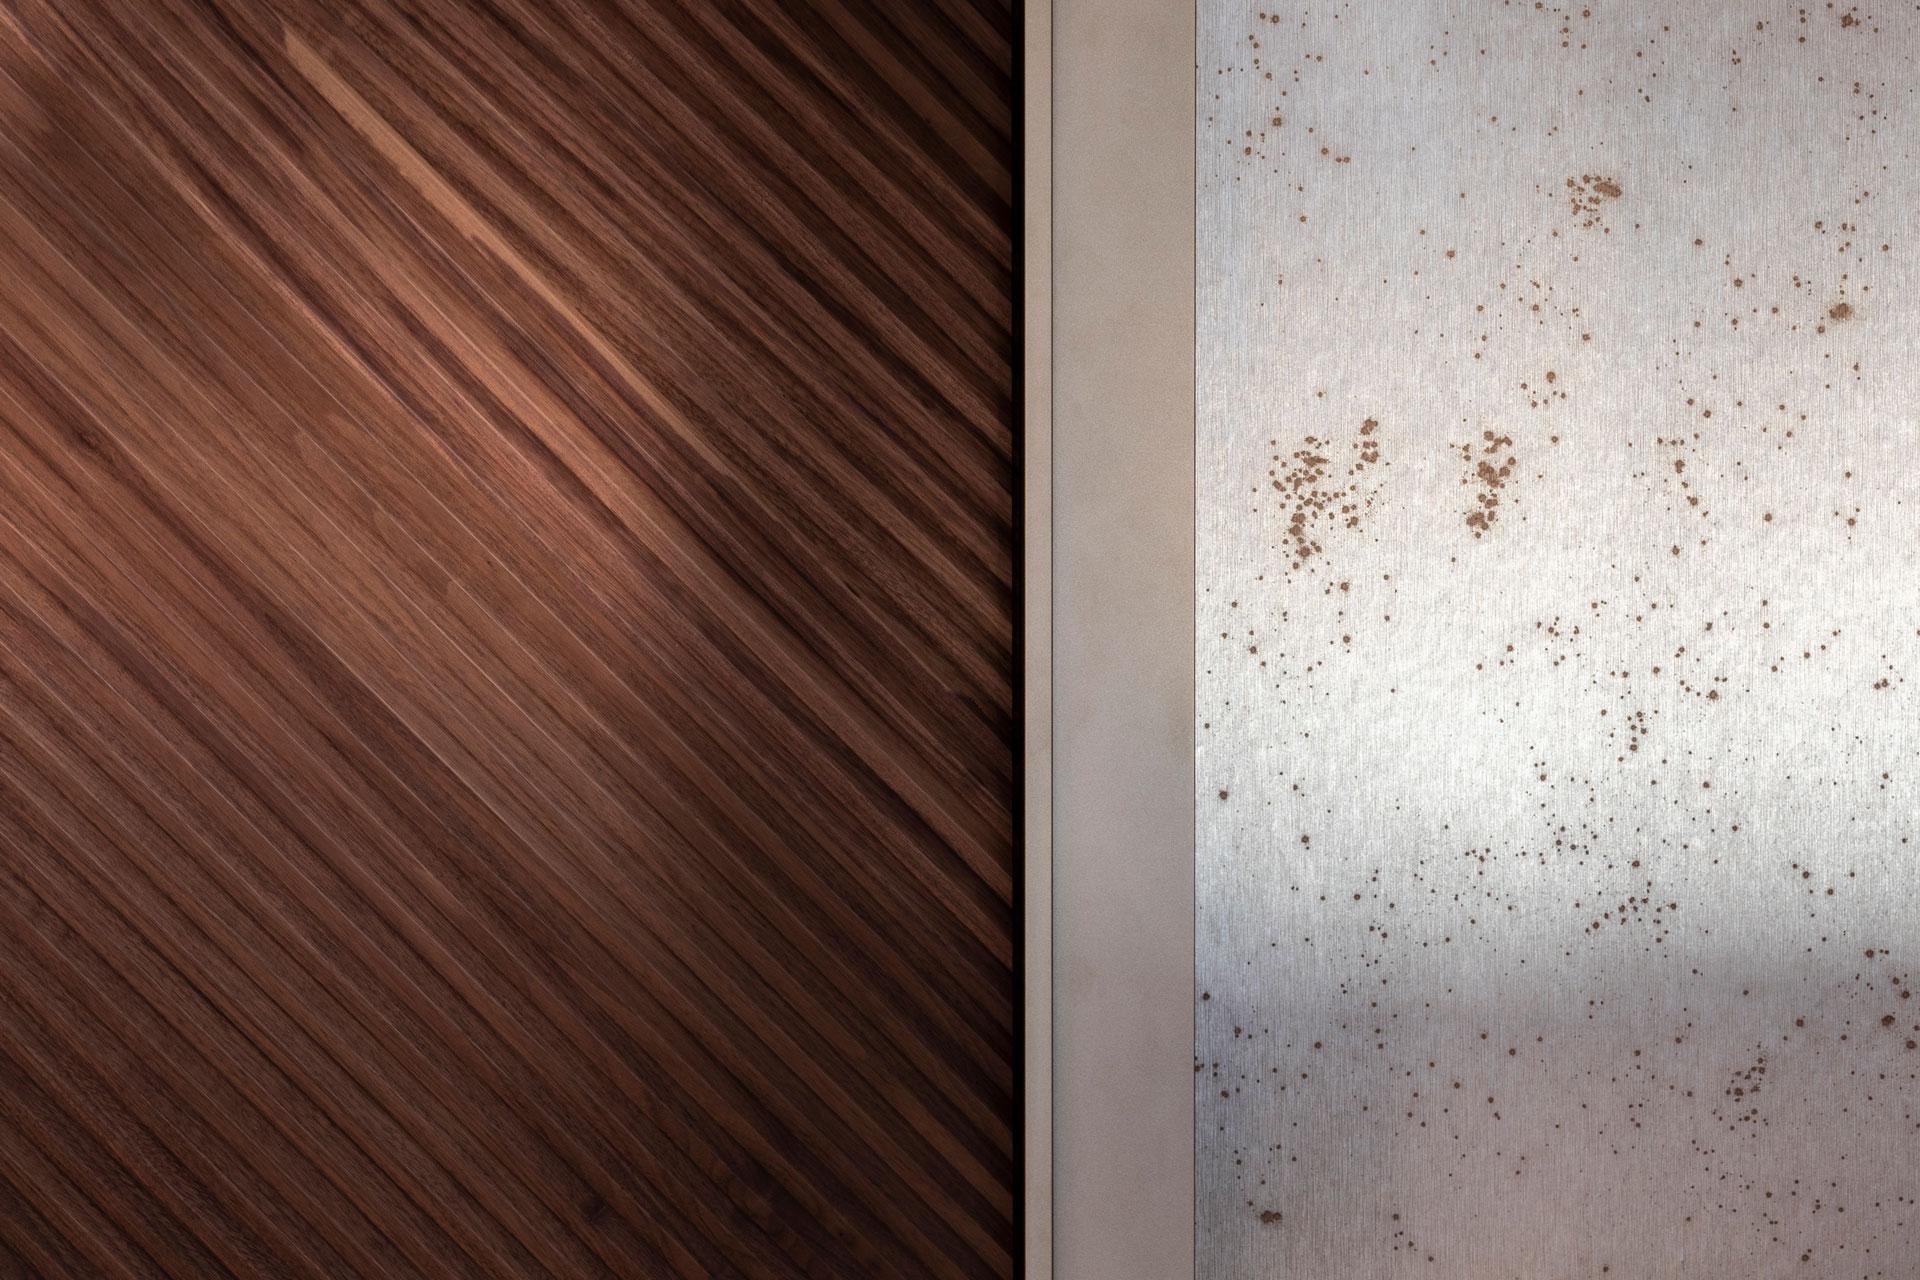 Scheuber Innenarchitektur Materialien Arte Tapeten Boiserie